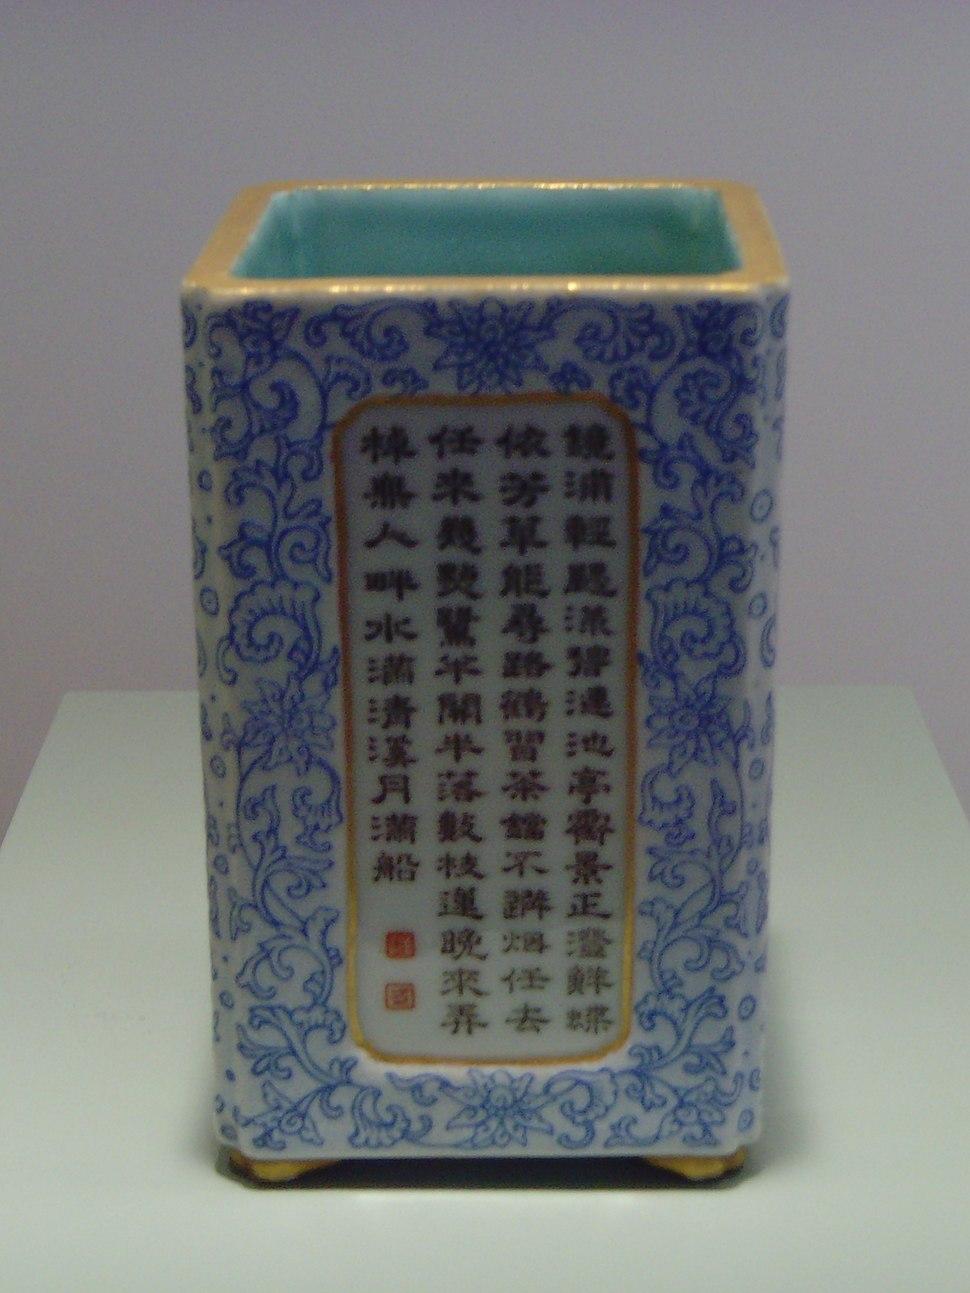 Qing era brush container